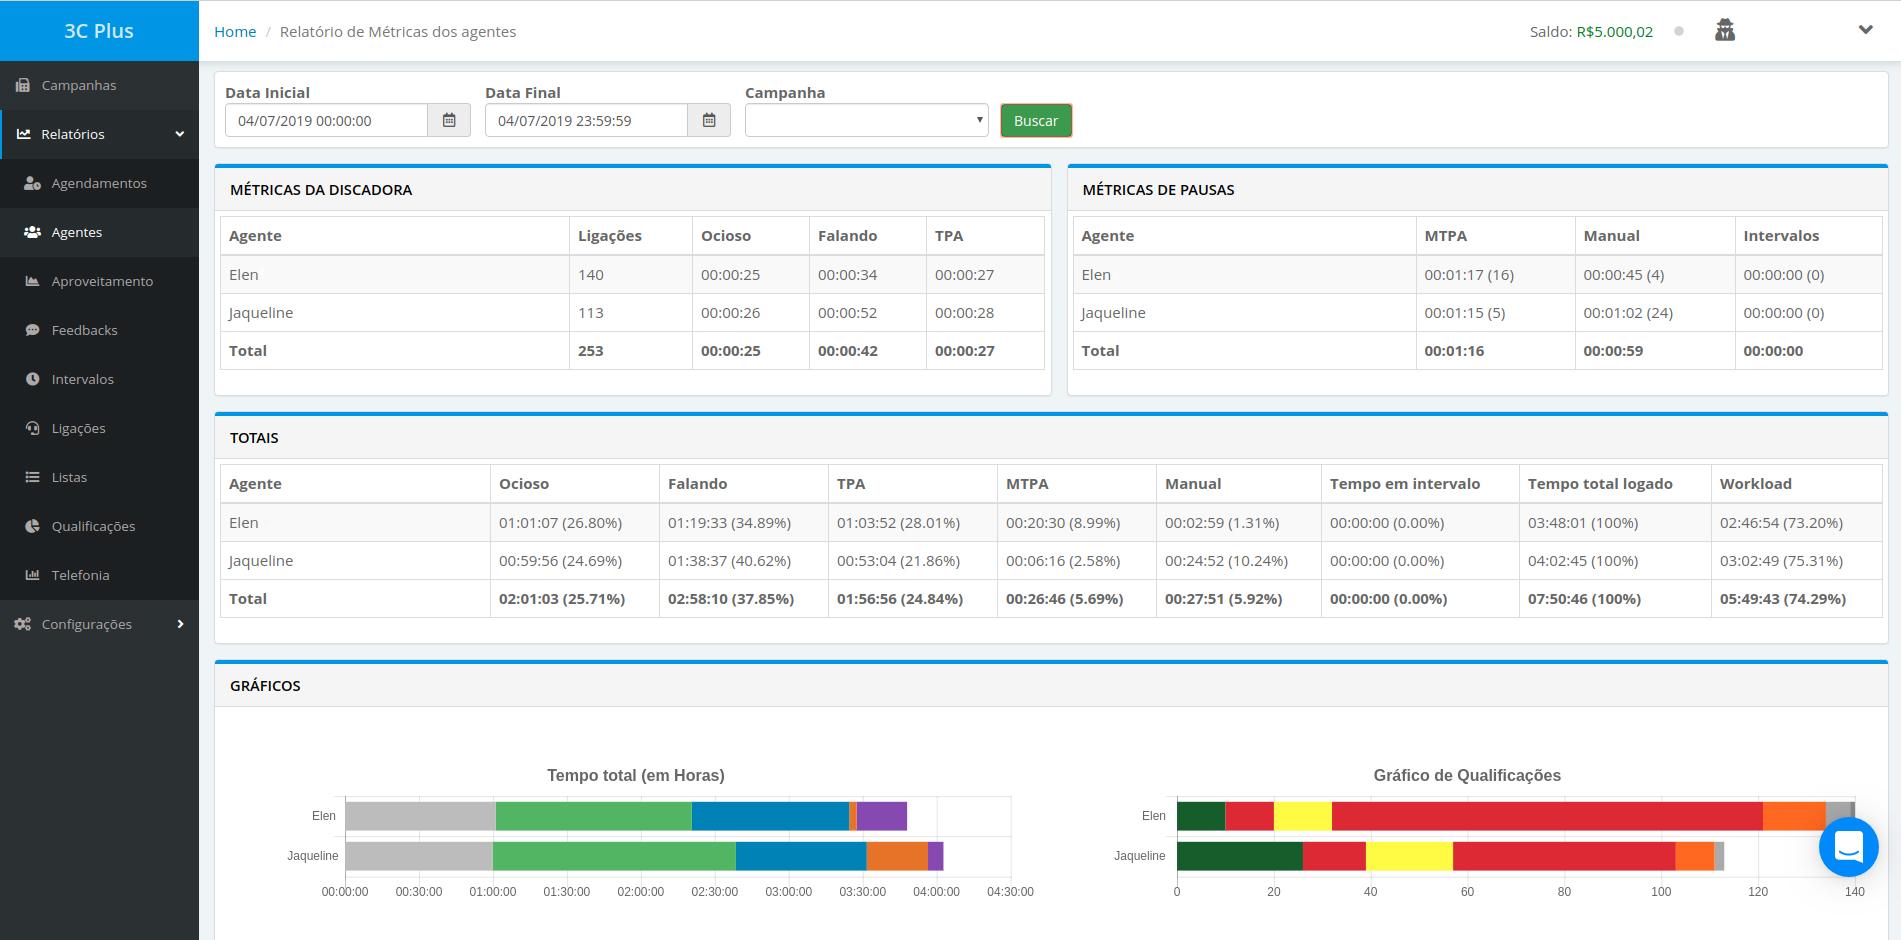 Imagens do sistemas 3C Plus - Relatório de métricas dos agentes